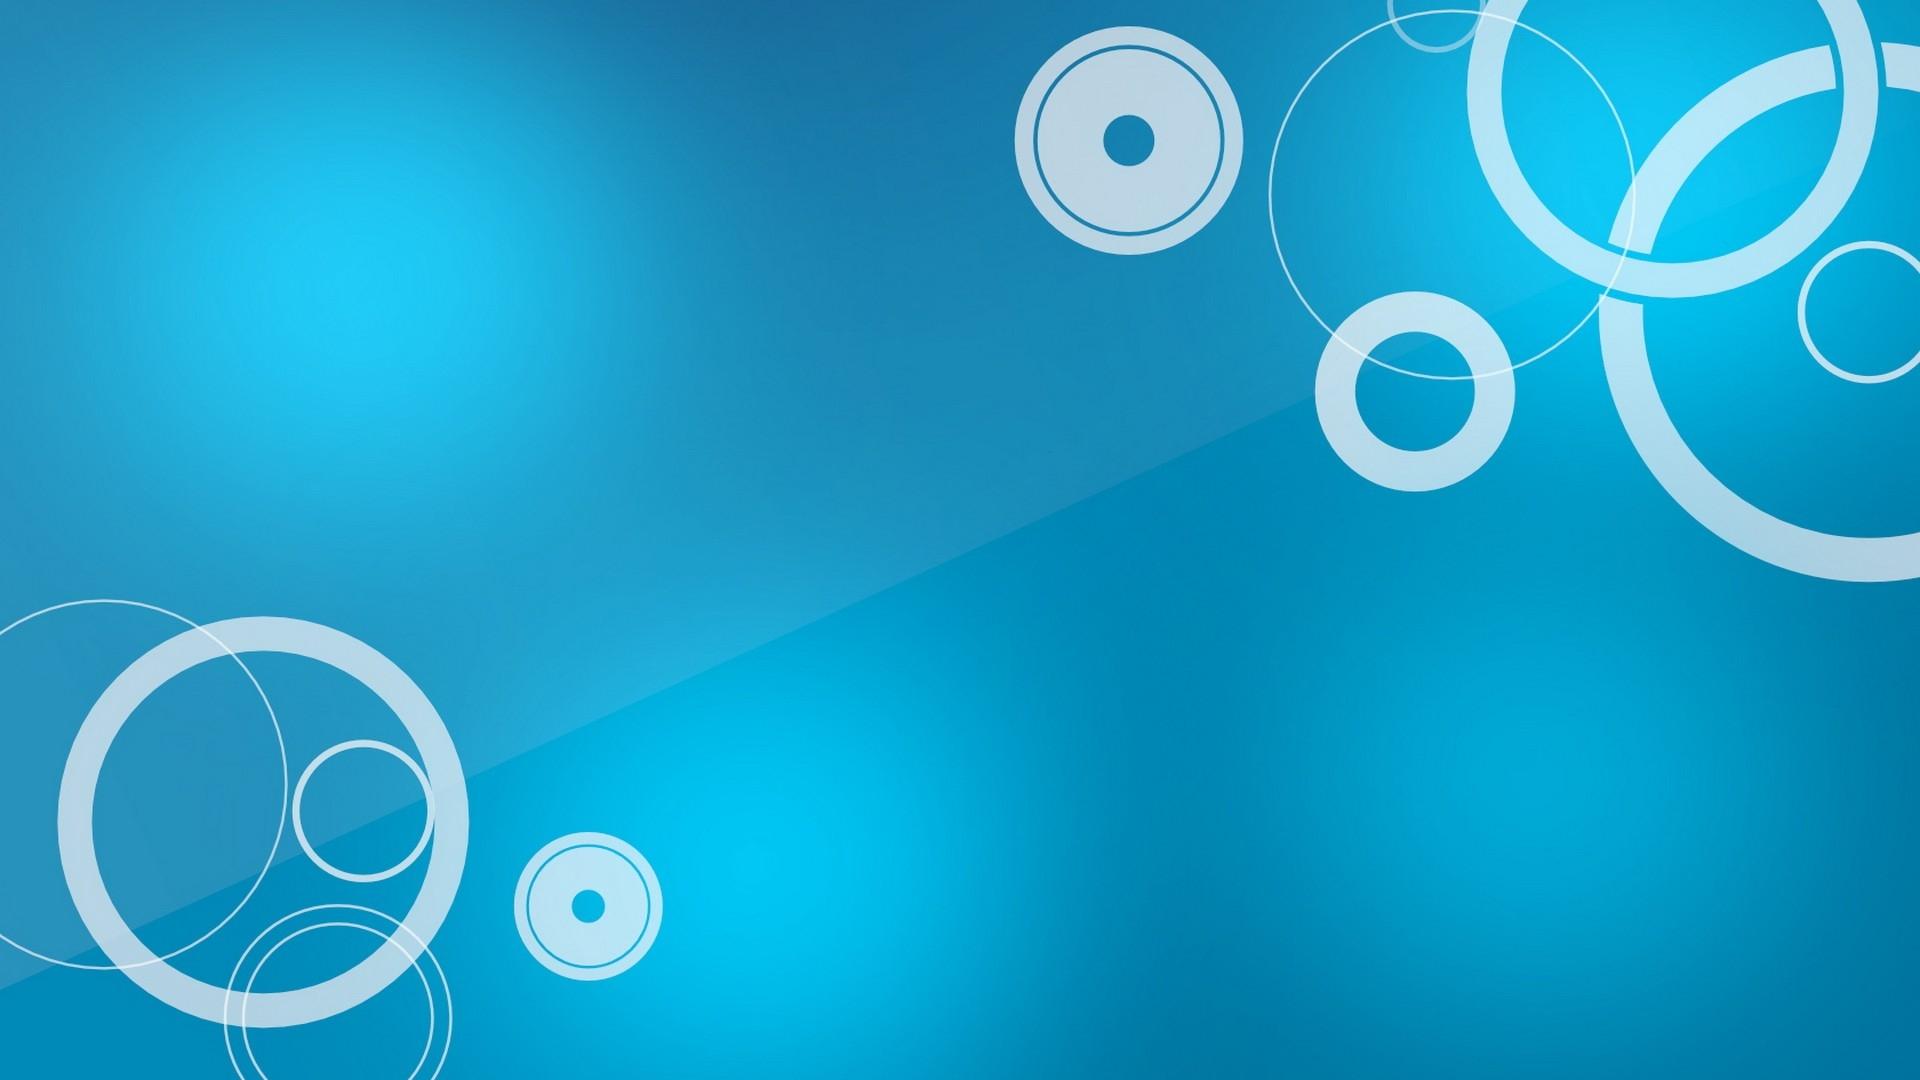 Fondo De Pantalla Abstracto Bolas Azules: Fondos De Pantalla : Ilustración, Texto, Logo, Azul